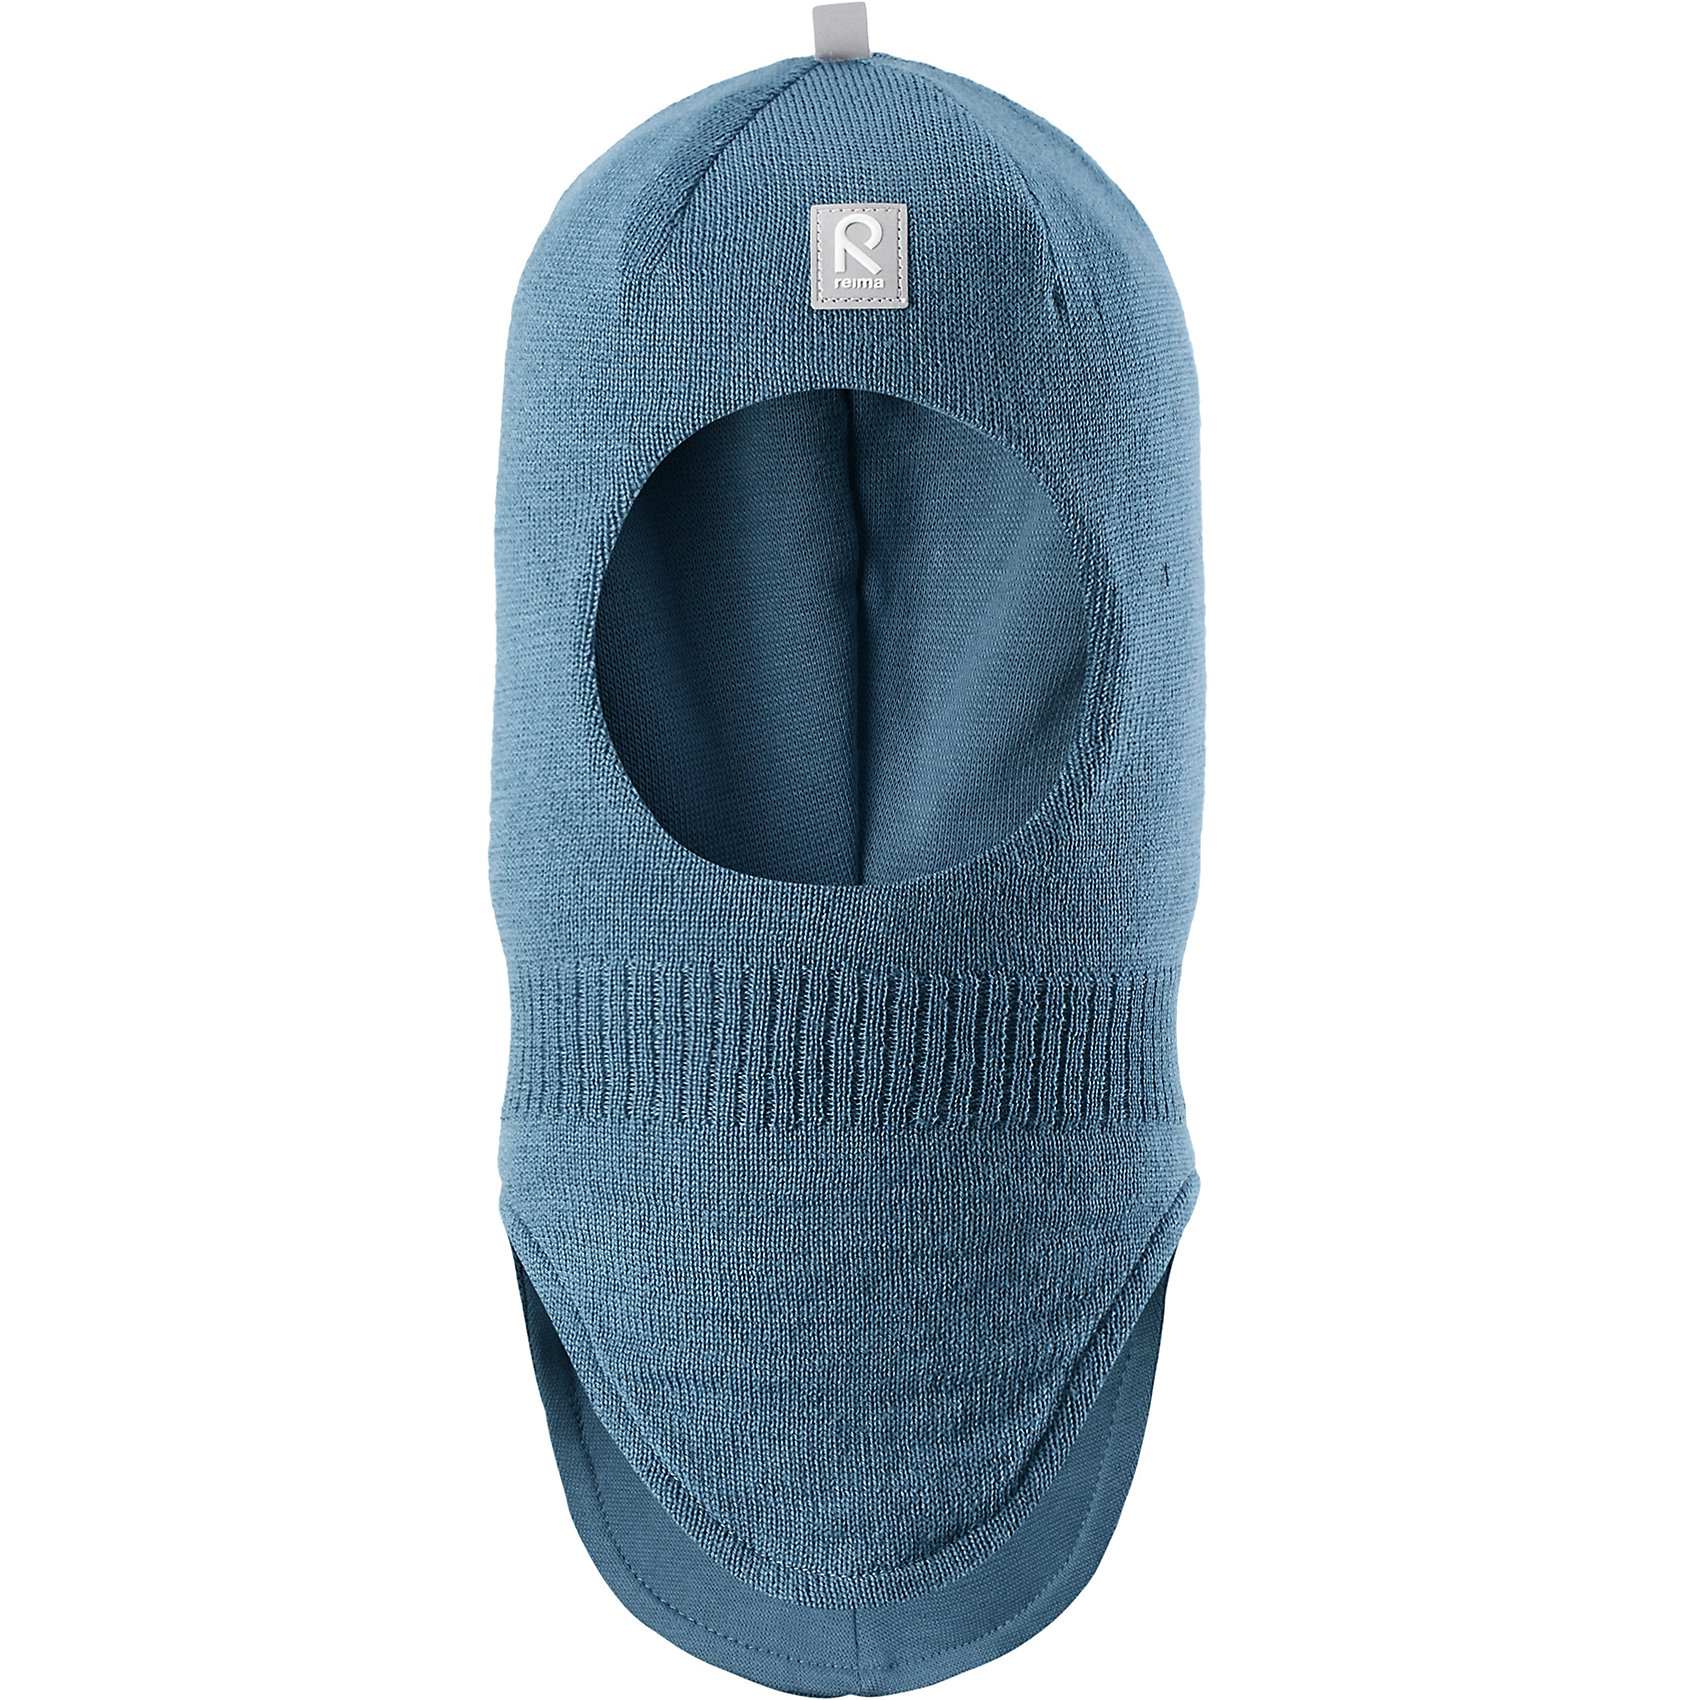 Шапка-шлем Reima StarrieГоловные уборы<br>Характеристики товара:<br><br>• цвет: голубой;<br>• состав: 100% шерсть;<br>• подкладка: 97% хлопок, 3% эластан<br>• температурный режим: от 0 до -20С;<br>• сезон: зима; <br>• особенности модели: вязаная, на подкладке;<br>• мягкая ткань из мериносовой шерсти для поддержания идеальной температуры тела;<br>• сплошная подкладка: хлопковый трикотаж с эластаном;<br>• ветронепроницаемые вставки в области ушей;<br>• светоотражающая эмблема;<br>• логотип Reima спереди;<br>• страна бренда: Финляндия;<br>• страна изготовитель: Китай.<br><br>Вязаная шапка-шлем из коллекции Reima® Originals защищает голову малыша в холодную пору. Эта шапка-шлем для малышей и детей постарше связана из теплой шерсти и подшита мягкой на ощупь подкладкой из смеси хлопка и эластана, которая удобно облегает голову.<br><br>Ветронепроницаемые вставки в области ушей, вшитые между подкладкой и верхним слоем, защищают ушки от холодного ветра. Эта классическая модель хорошо закрывает лоб, щечки и шею. <br><br>Шапка-шлем Reima Starrie от финского бренда Reima (Рейма) можно купить в нашем интернет-магазине.<br><br>Ширина мм: 89<br>Глубина мм: 117<br>Высота мм: 44<br>Вес г: 155<br>Цвет: синий<br>Возраст от месяцев: 72<br>Возраст до месяцев: 84<br>Пол: Унисекс<br>Возраст: Детский<br>Размер: 54,46,48,50,52<br>SKU: 6906988